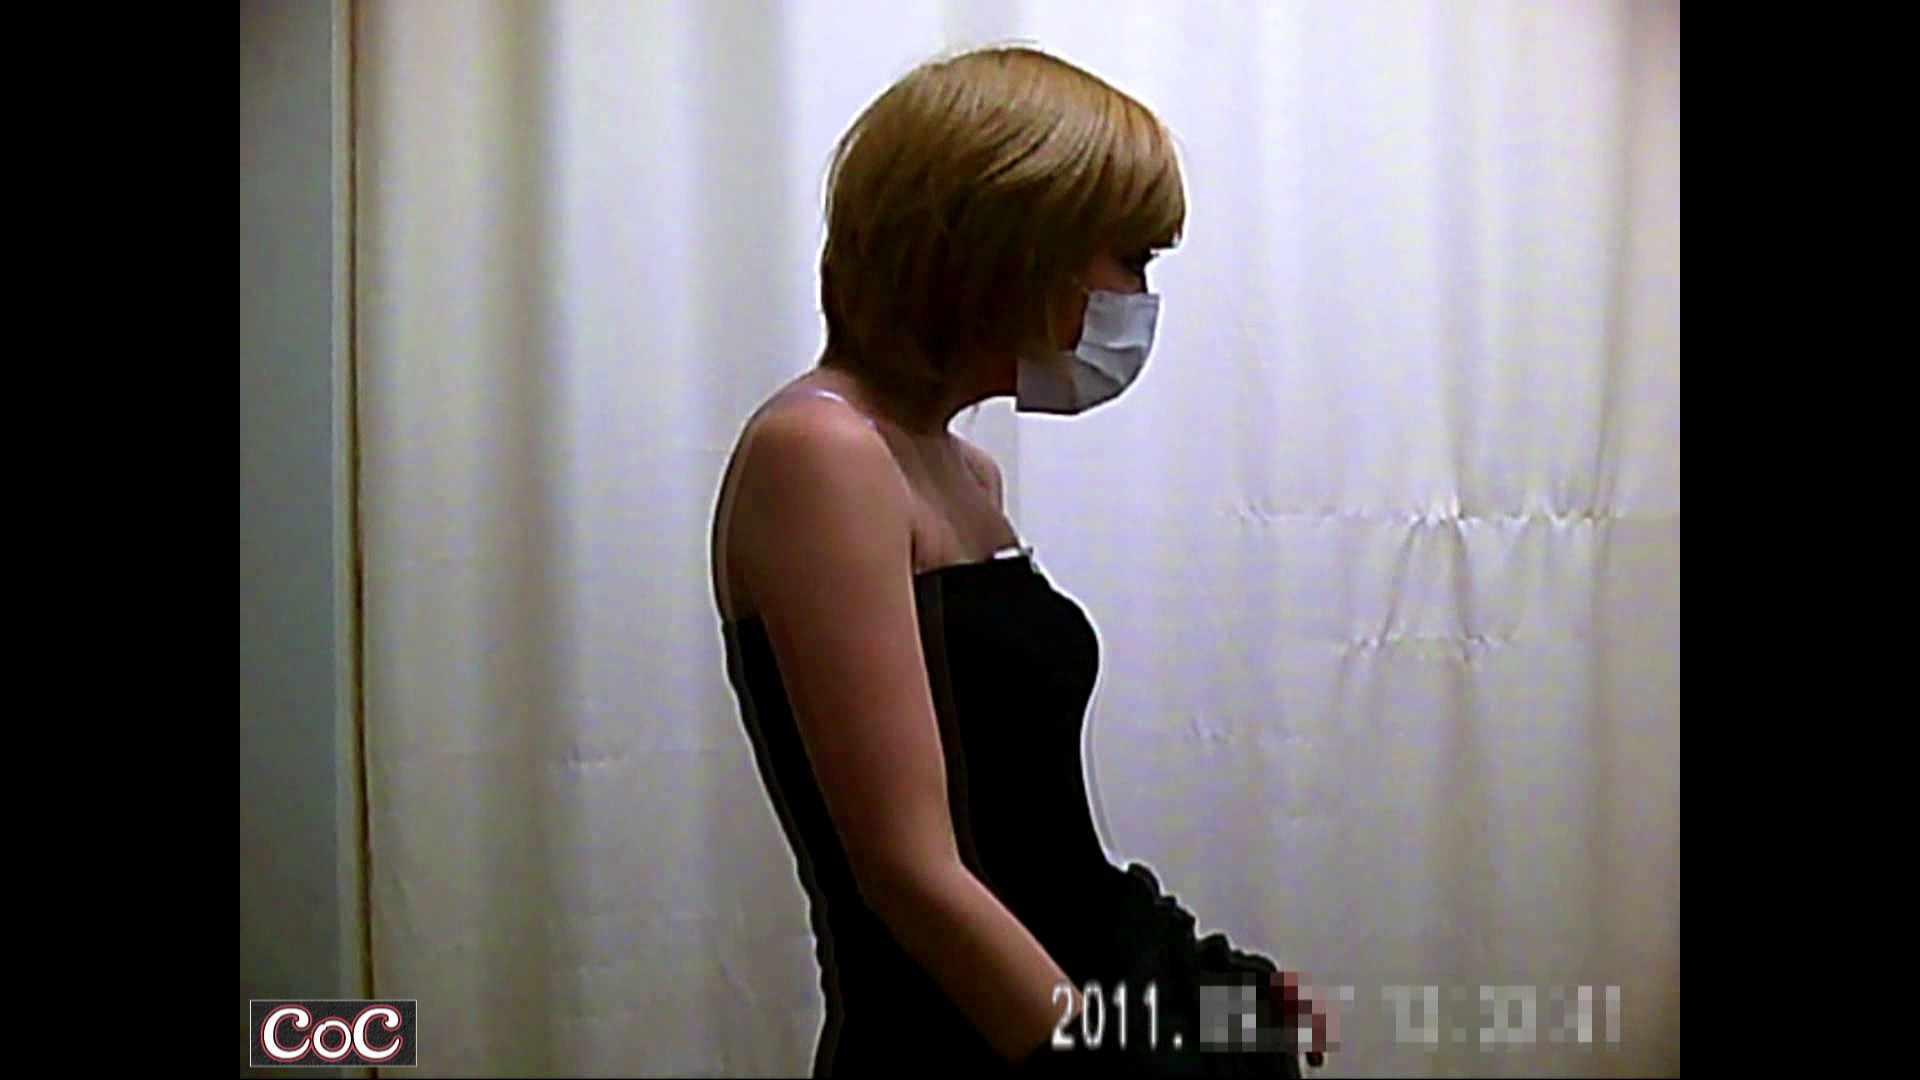 病院おもいっきり着替え! vol.36 乳首 SEX無修正画像 69PIX 12